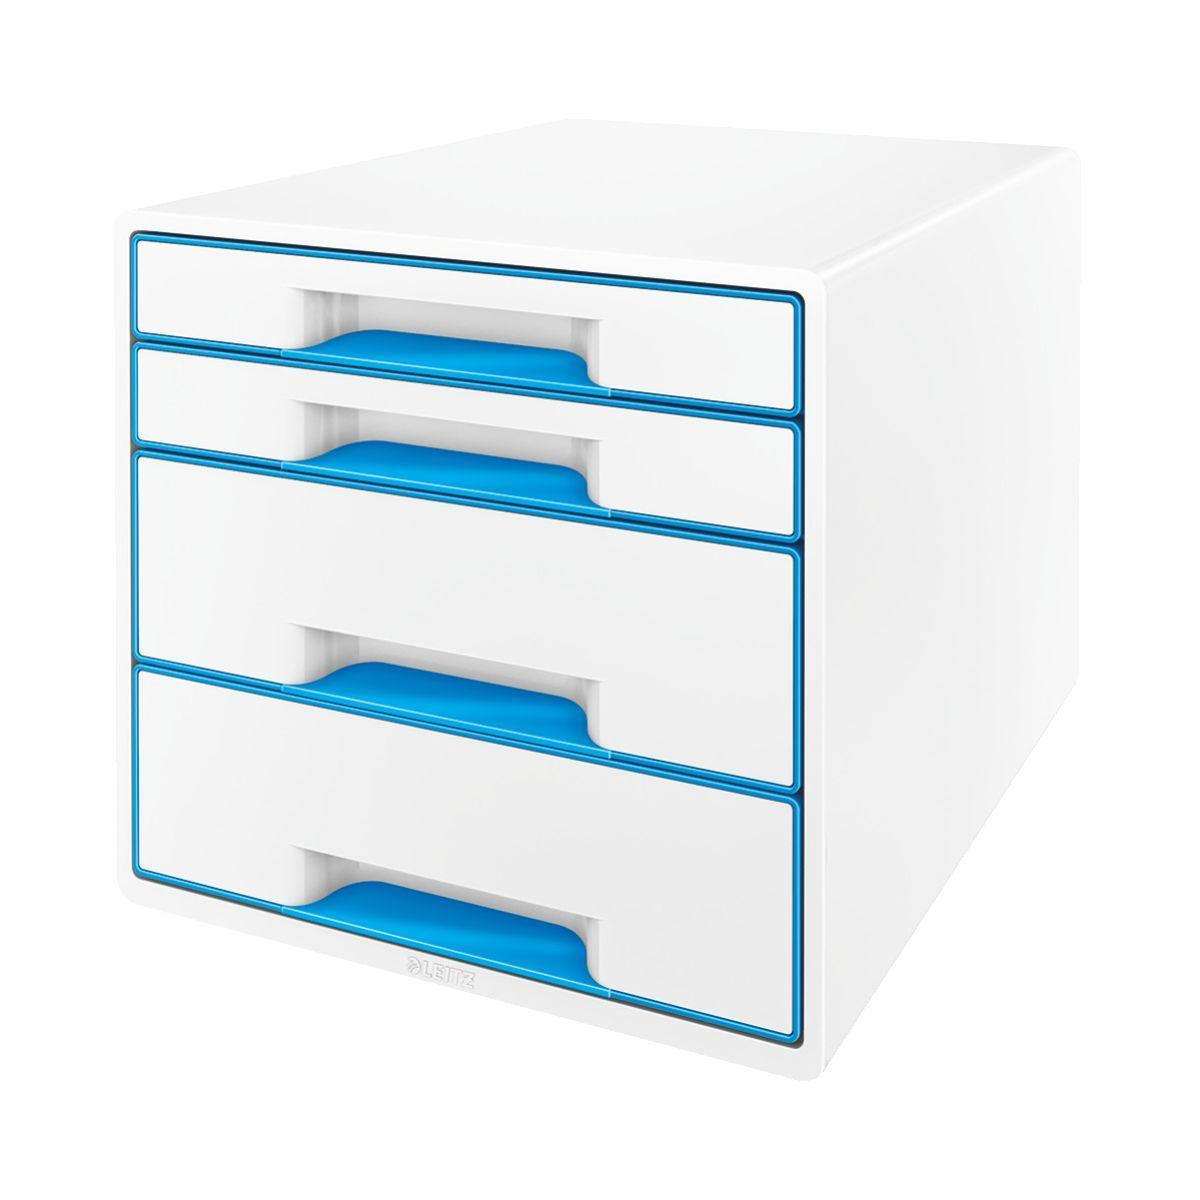 Bloc tiroir leitz bloc de classement tiroirs wow bleu - 5% de remise imm�diate avec le code : automne5 (photo)